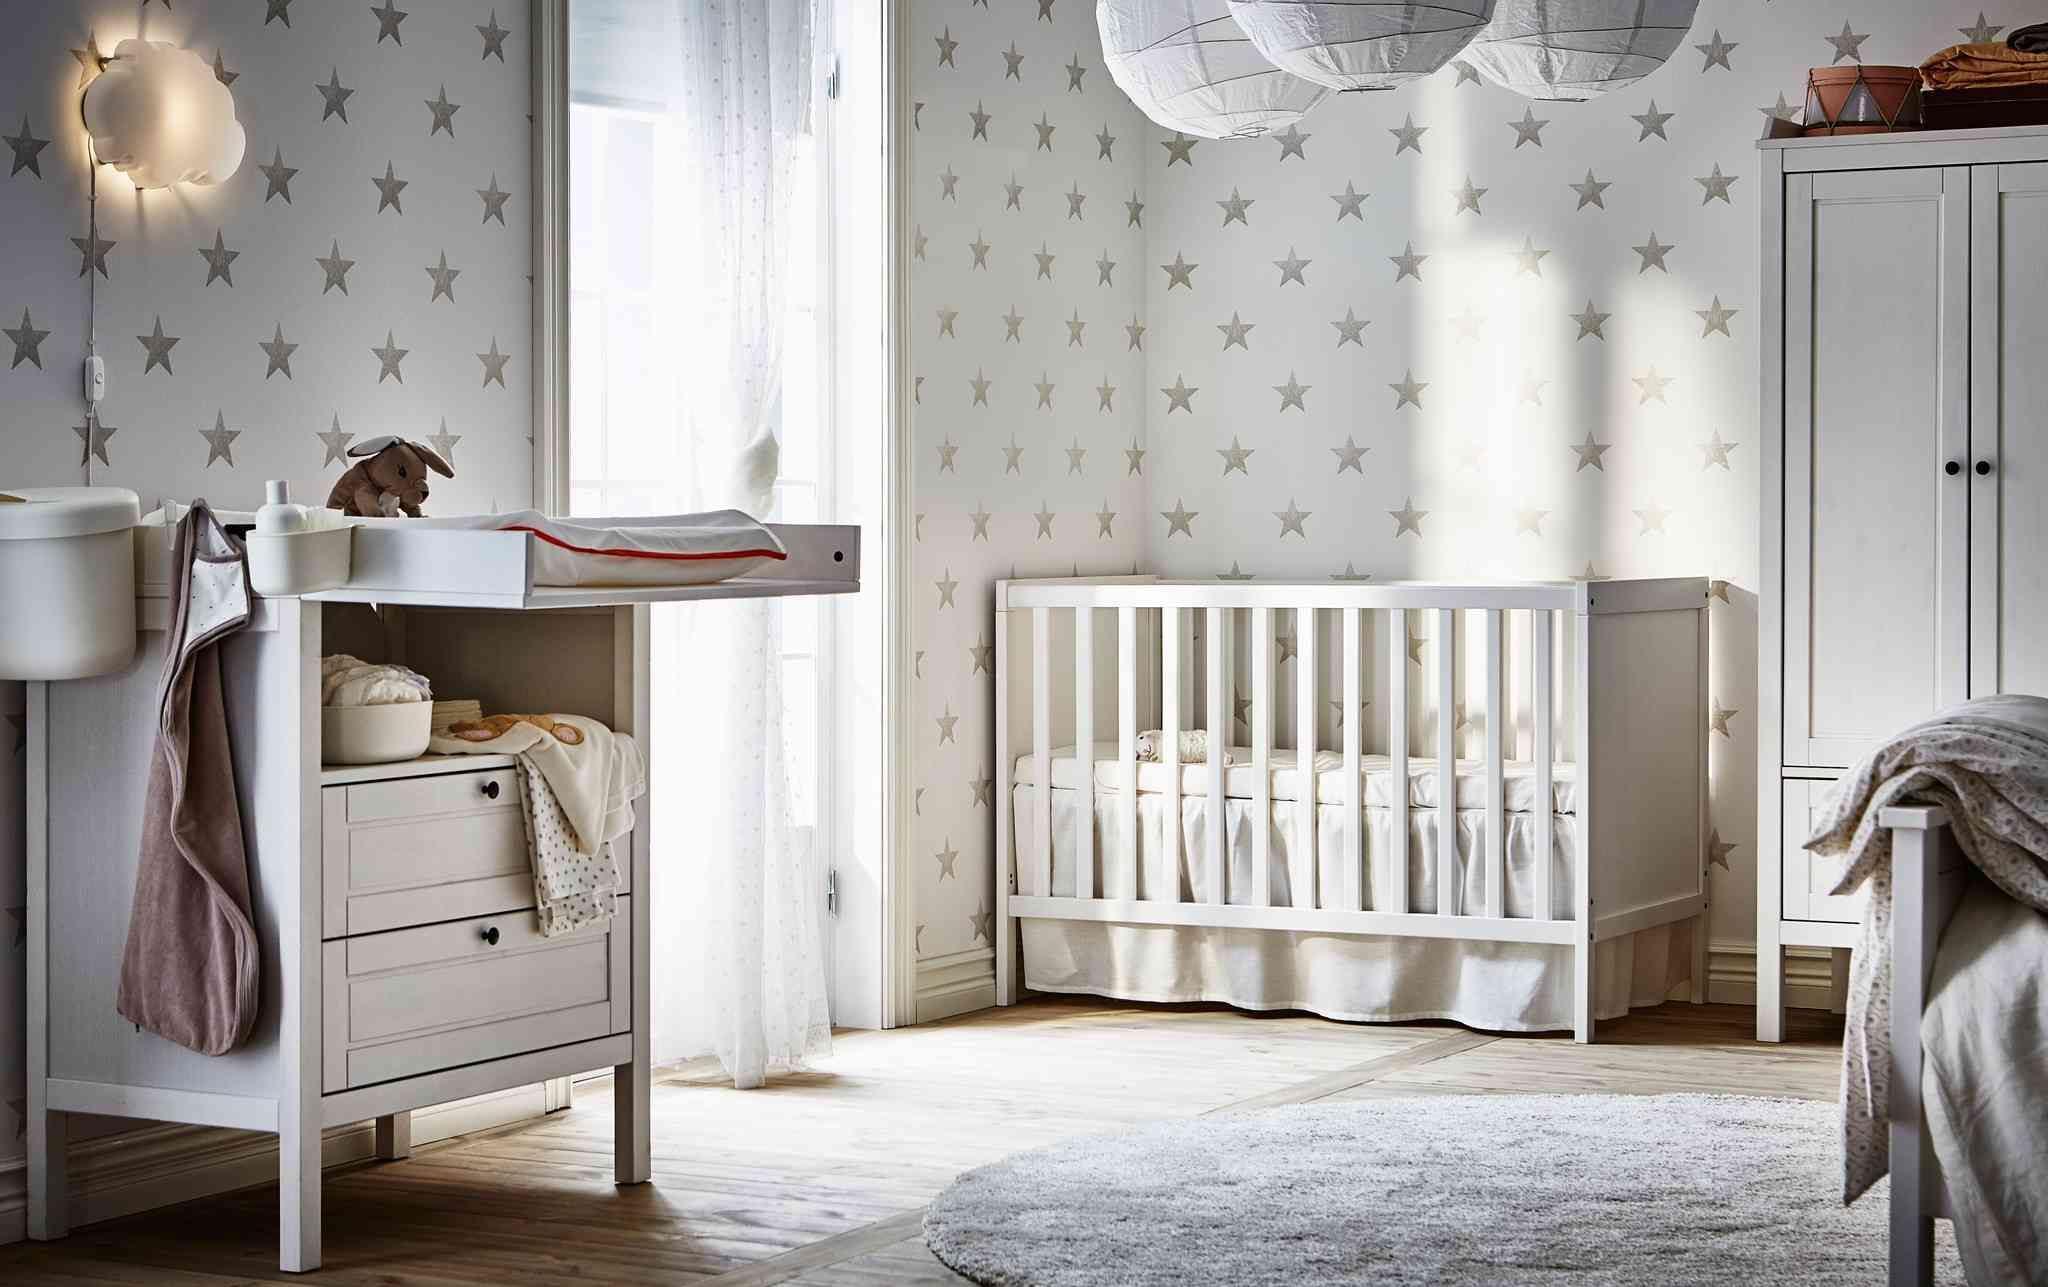 Moustiquaire Pour Lit Bébé Impressionnant 20 [impressionnant Luxe élégant Meilleur De Beau Frais Inspiré